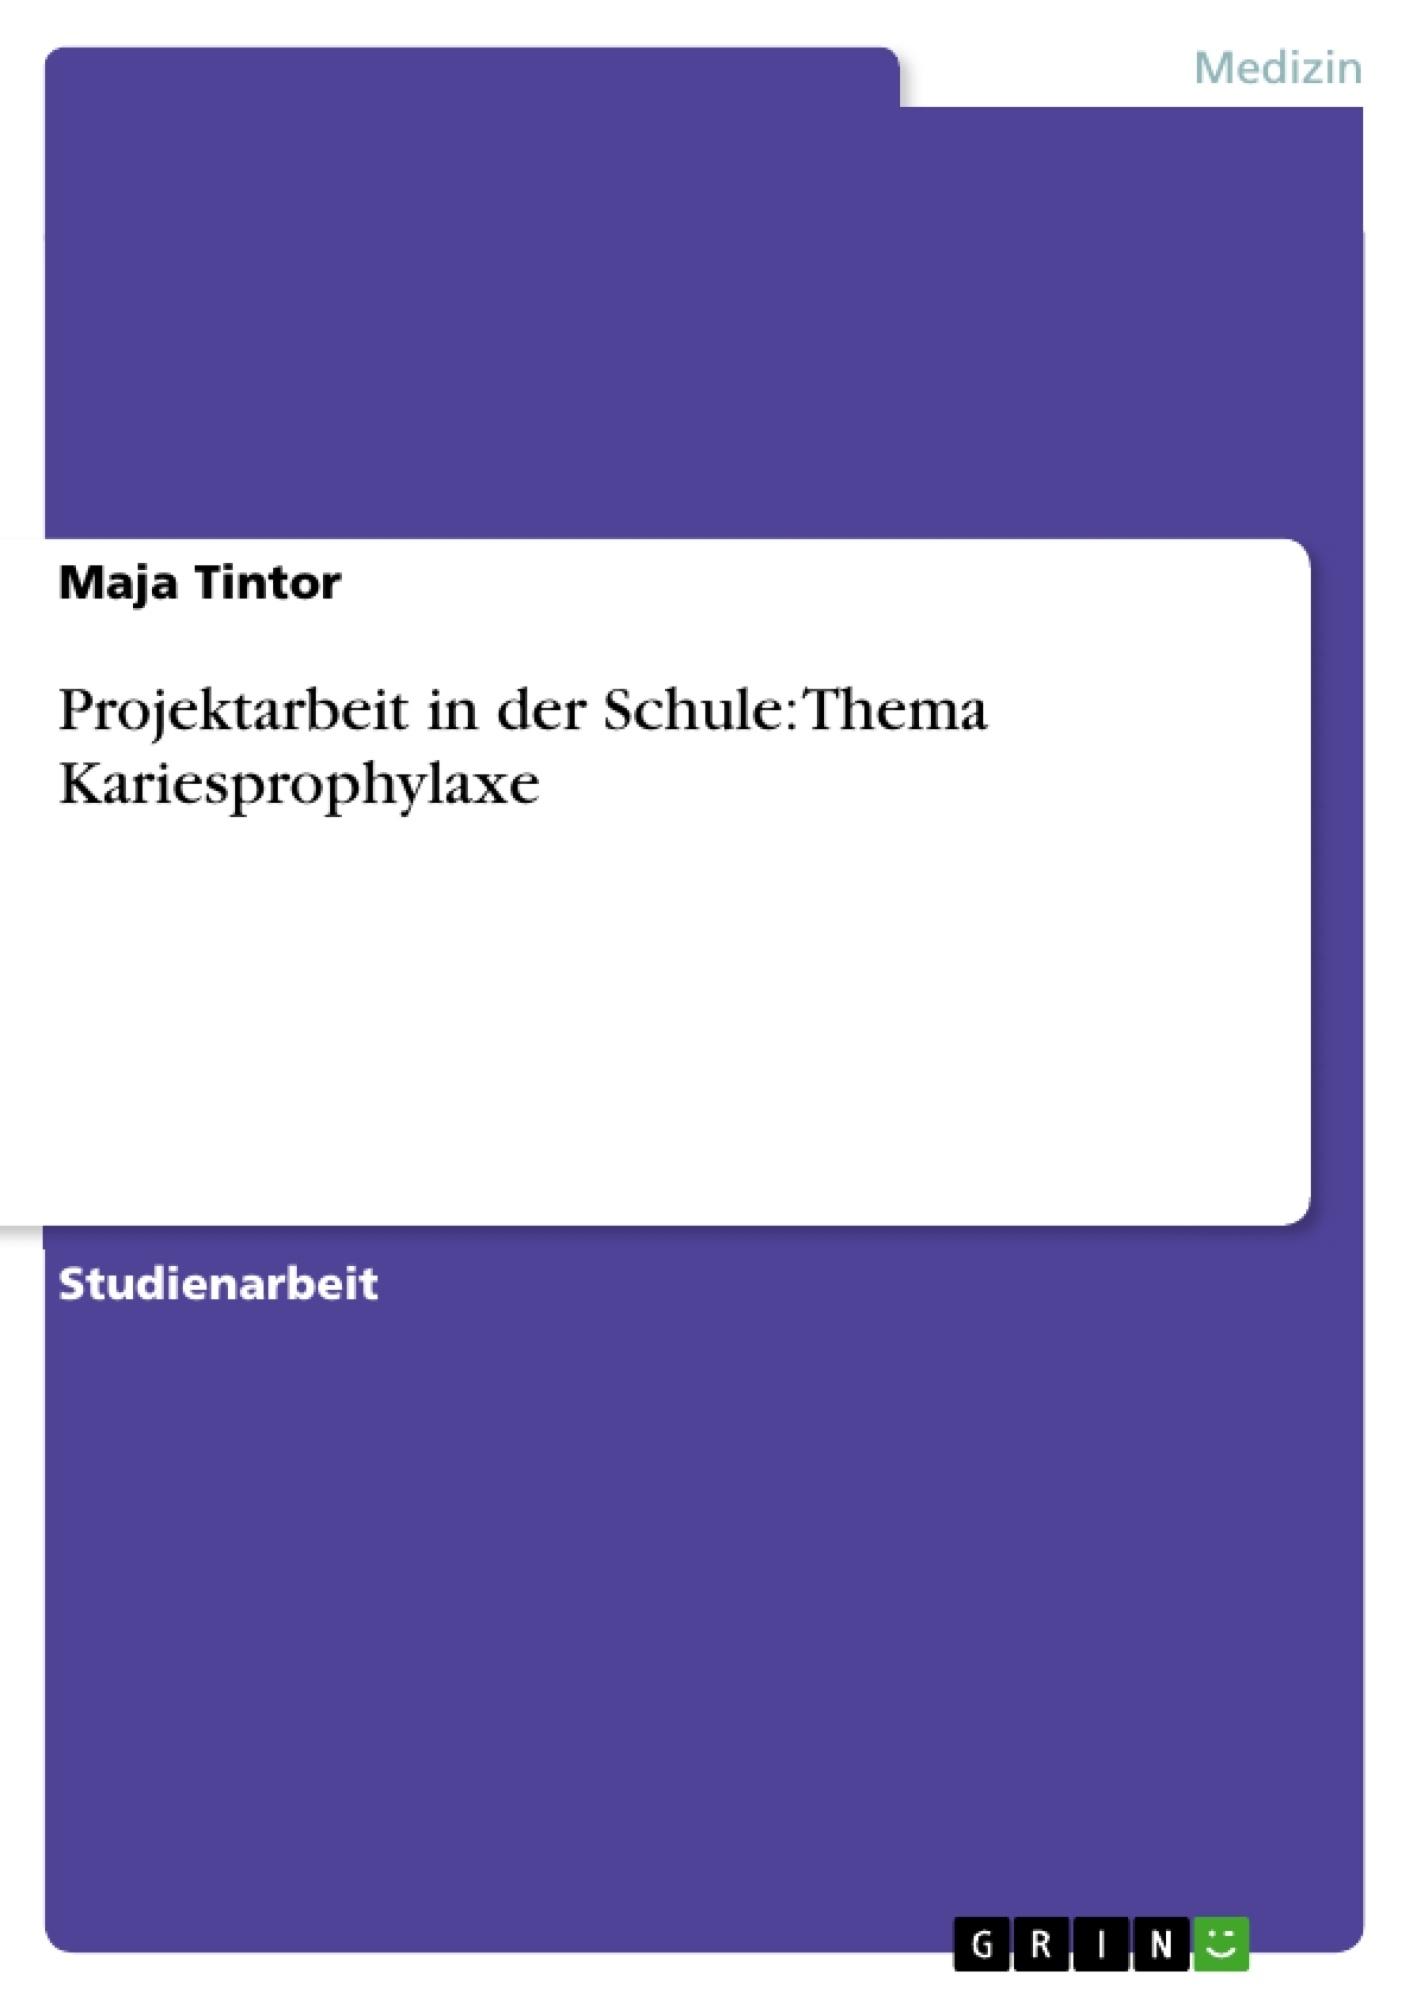 Titel: Projektarbeit in der Schule: Thema Kariesprophylaxe